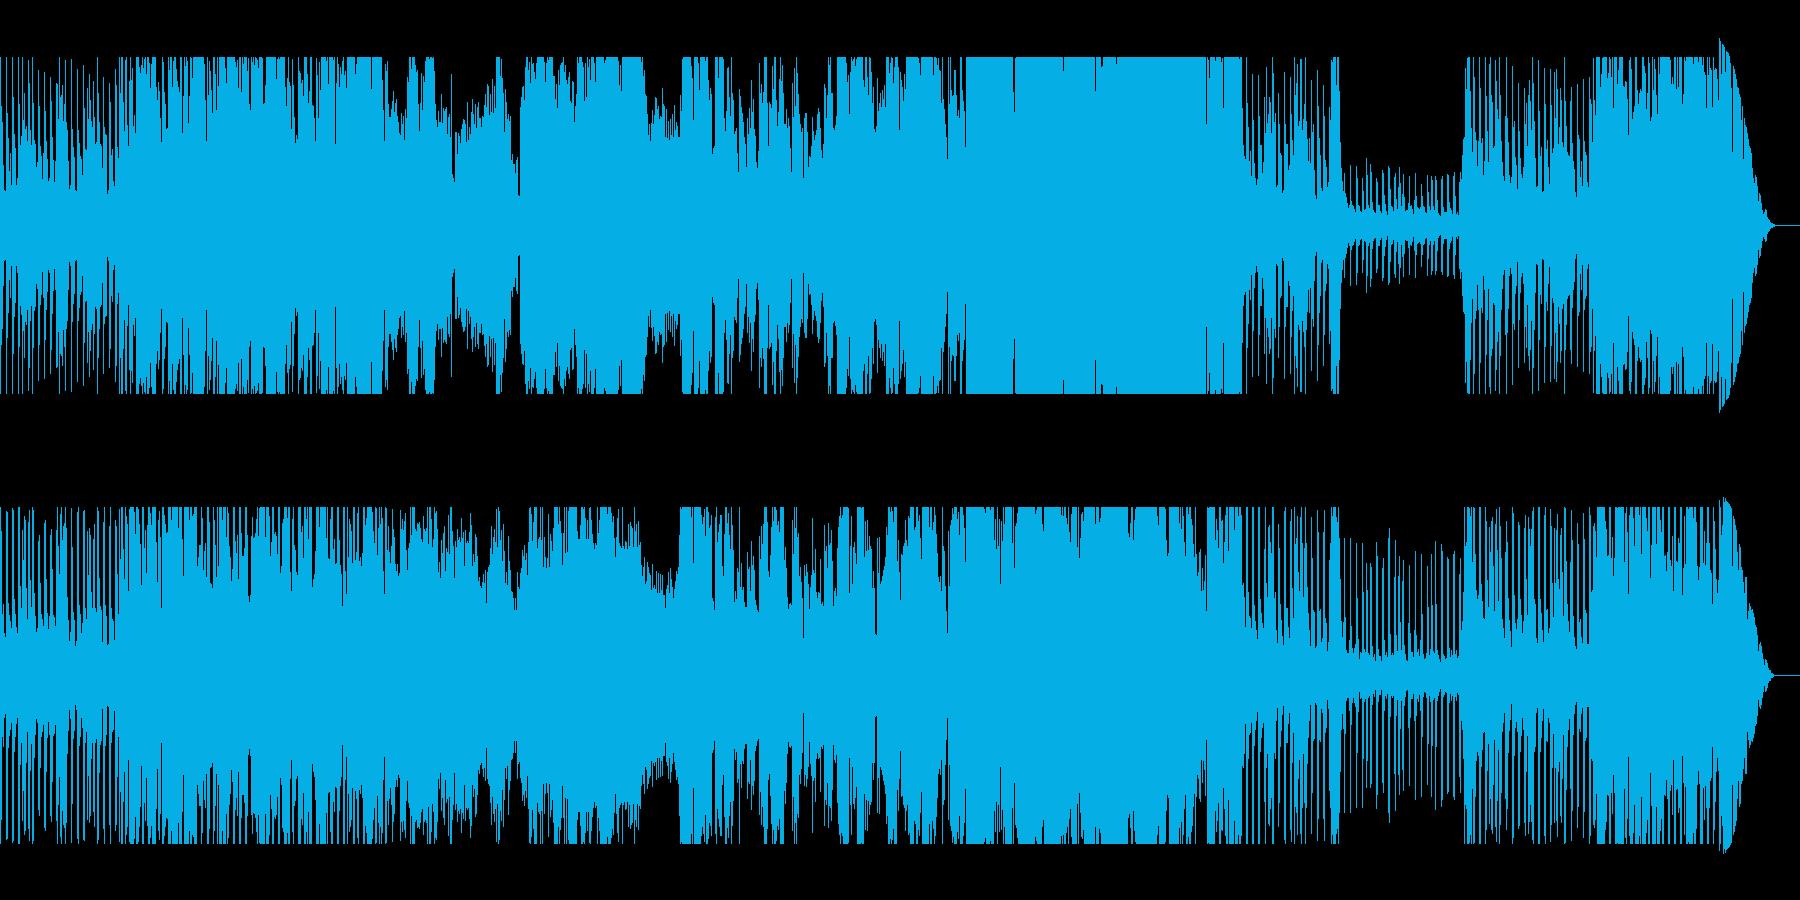 ゲームフィールドに合いそうな曲の再生済みの波形